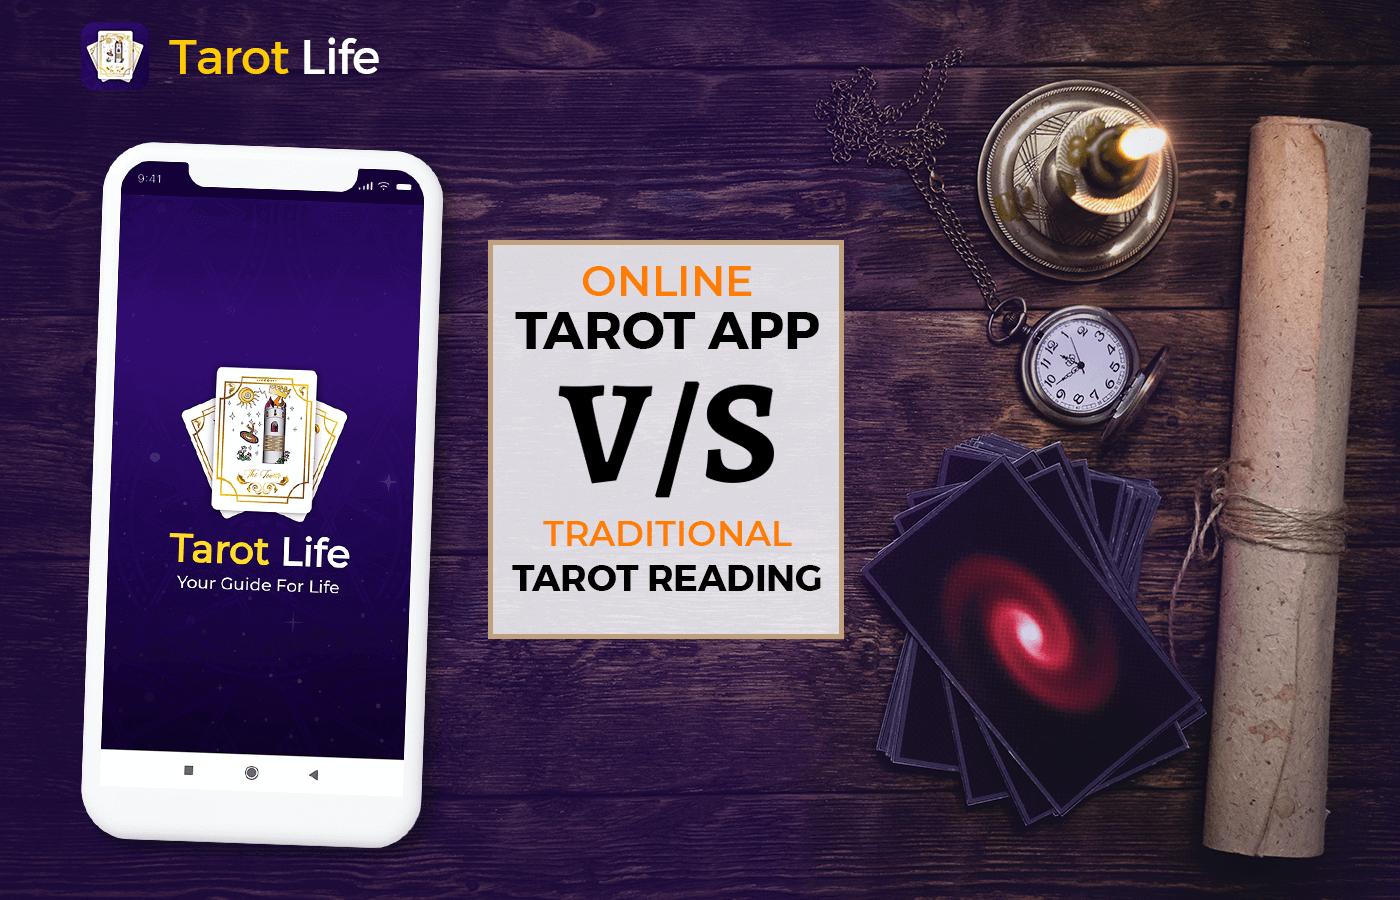 Tarot App Vs Traditional Tarot Reading